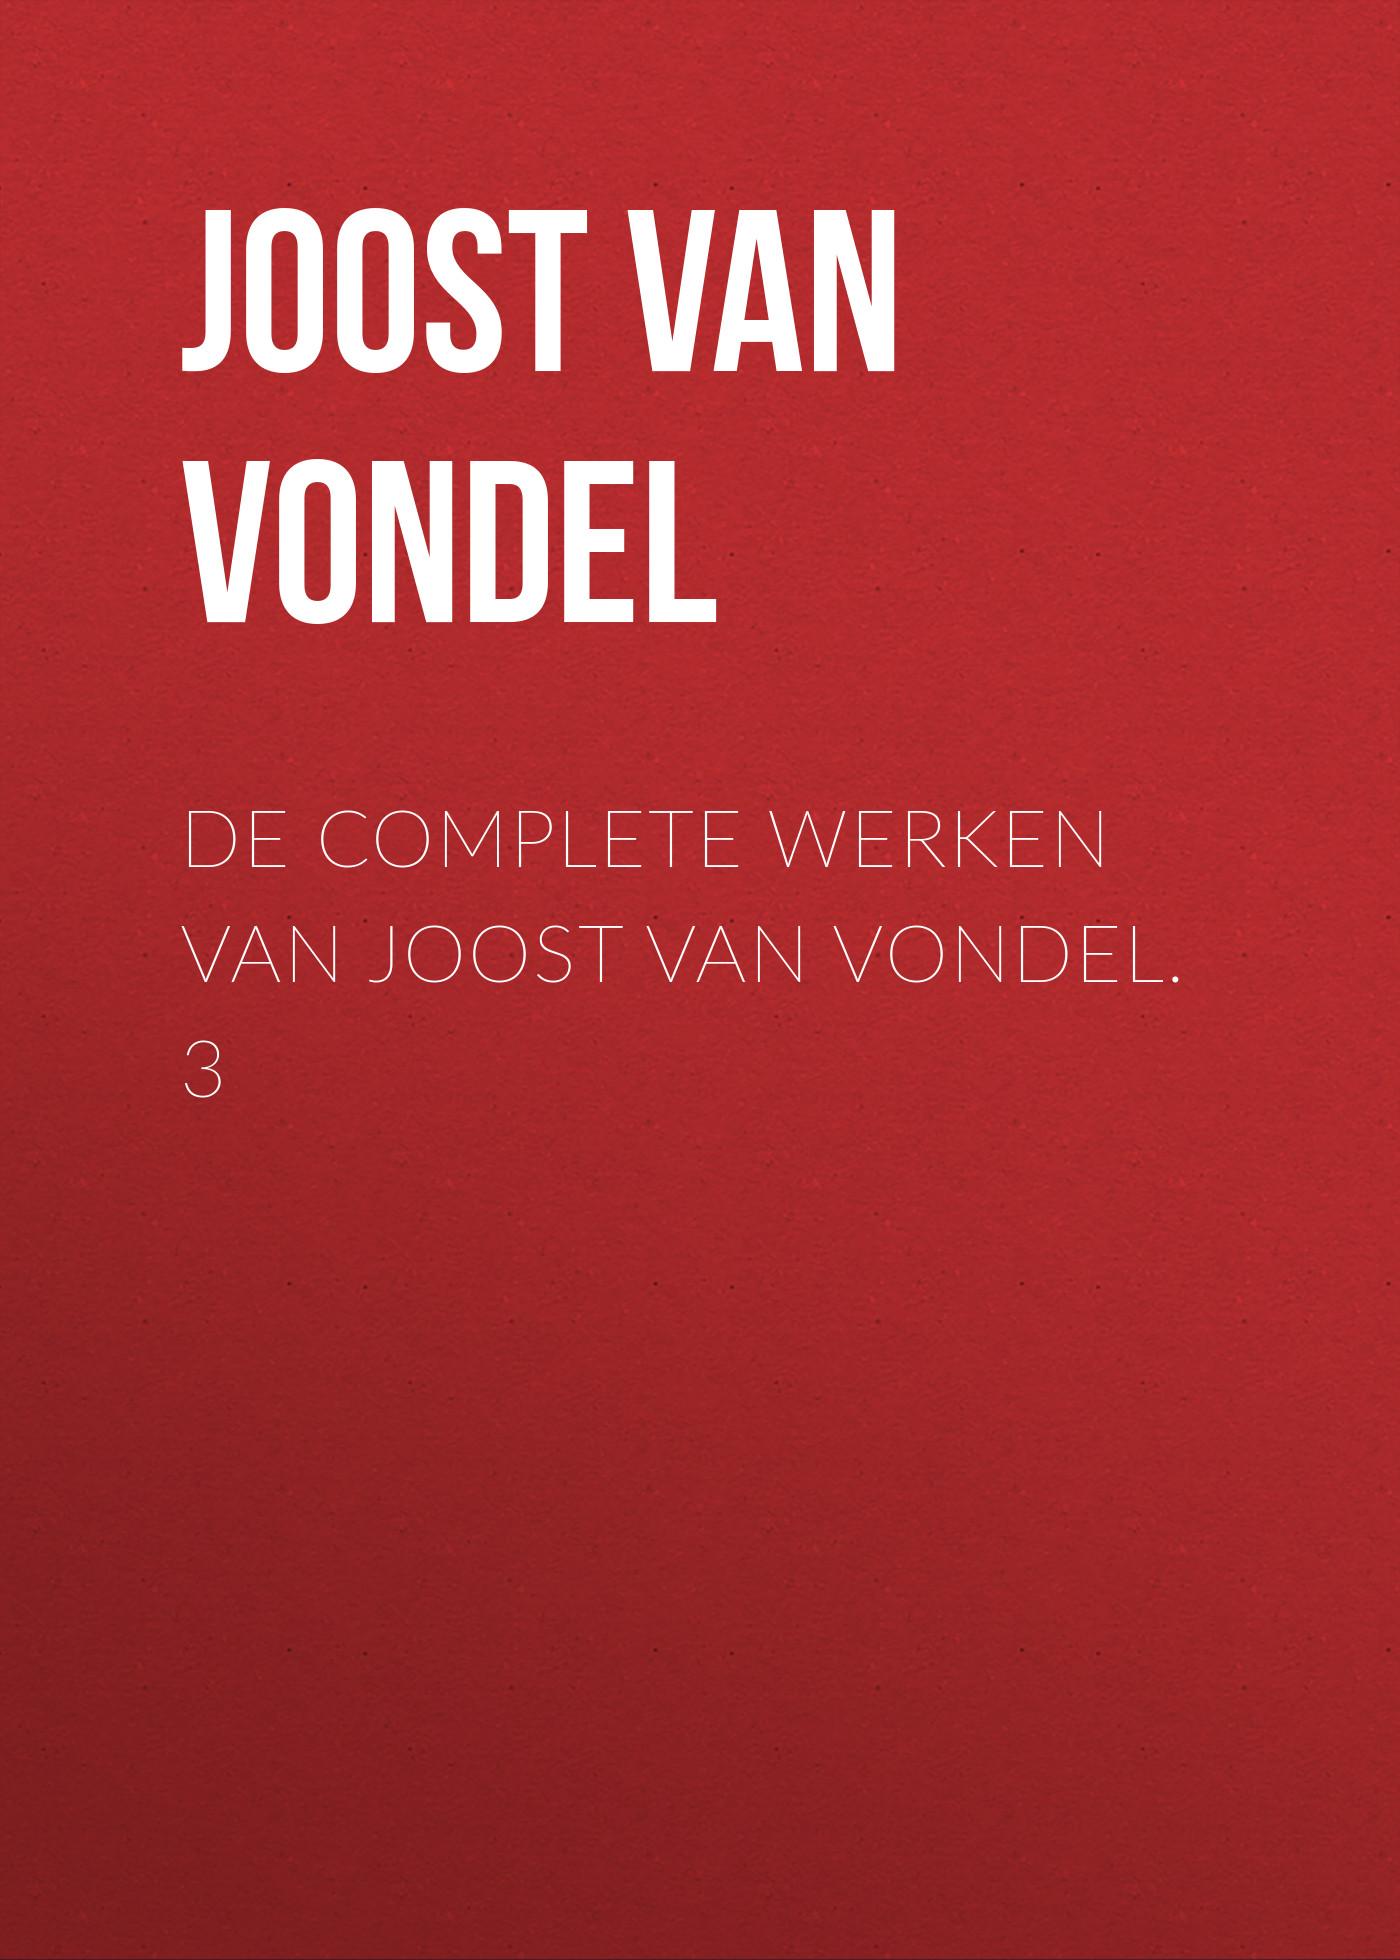 лучшая цена Joost van den Vondel De complete werken van Joost van Vondel. 3